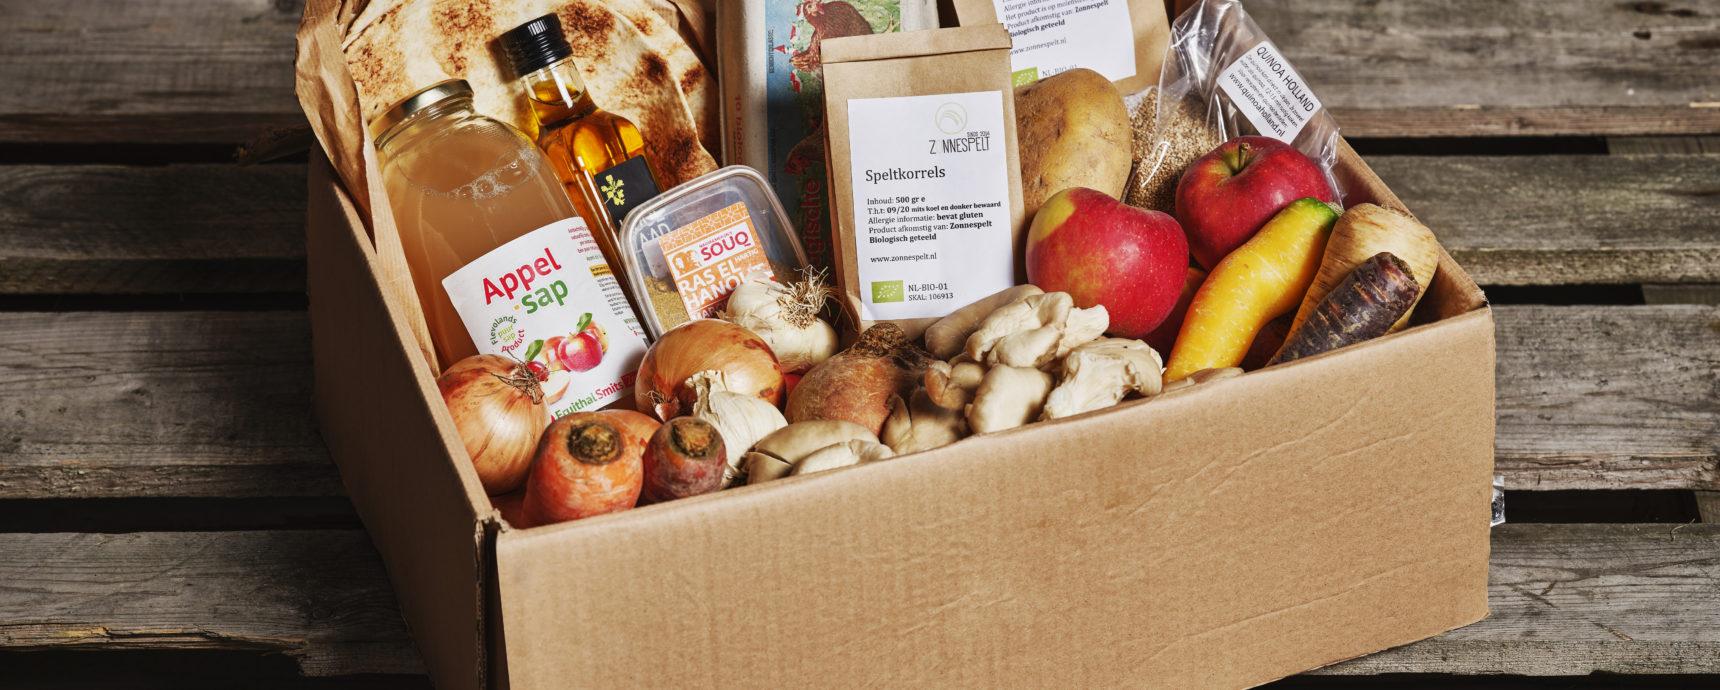 Flevour Box producten- Fotografie Sven Benjamins